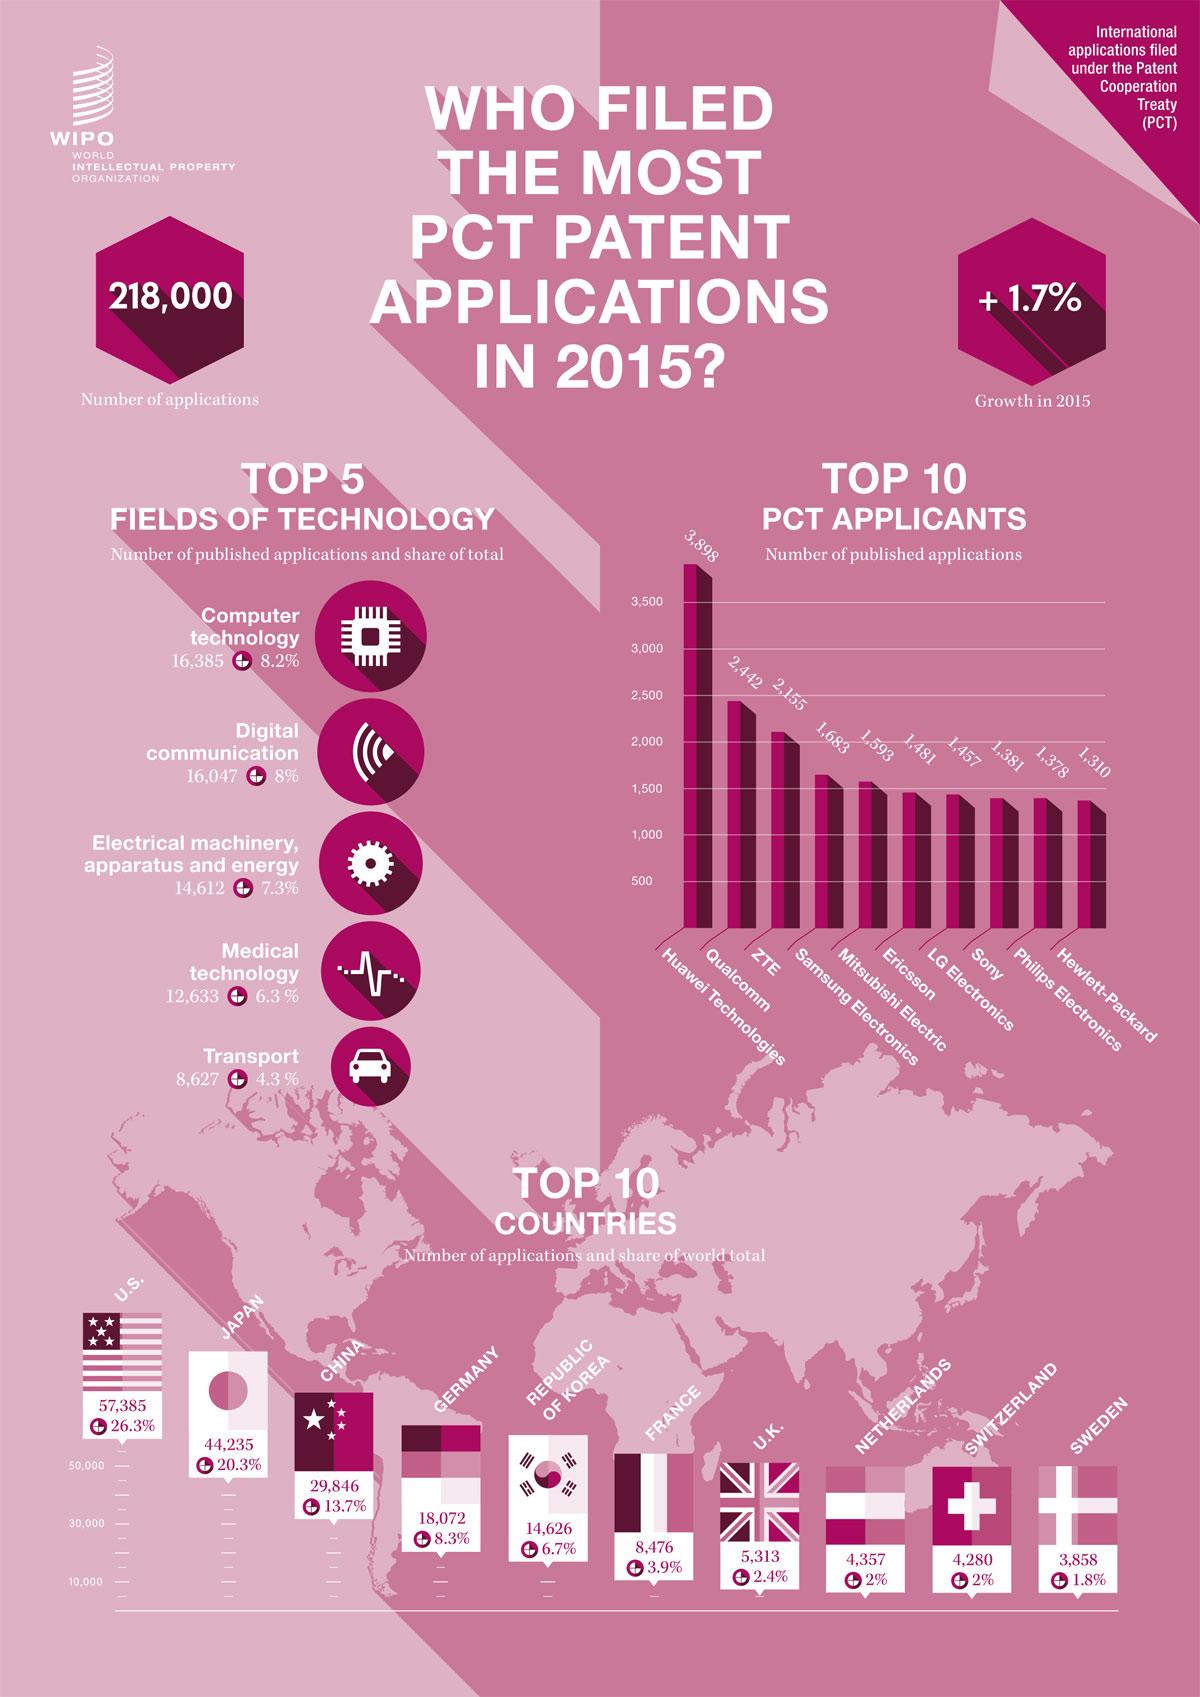 Les demandes internationales de brevets en 2015, selon l'OMPI (PCT).